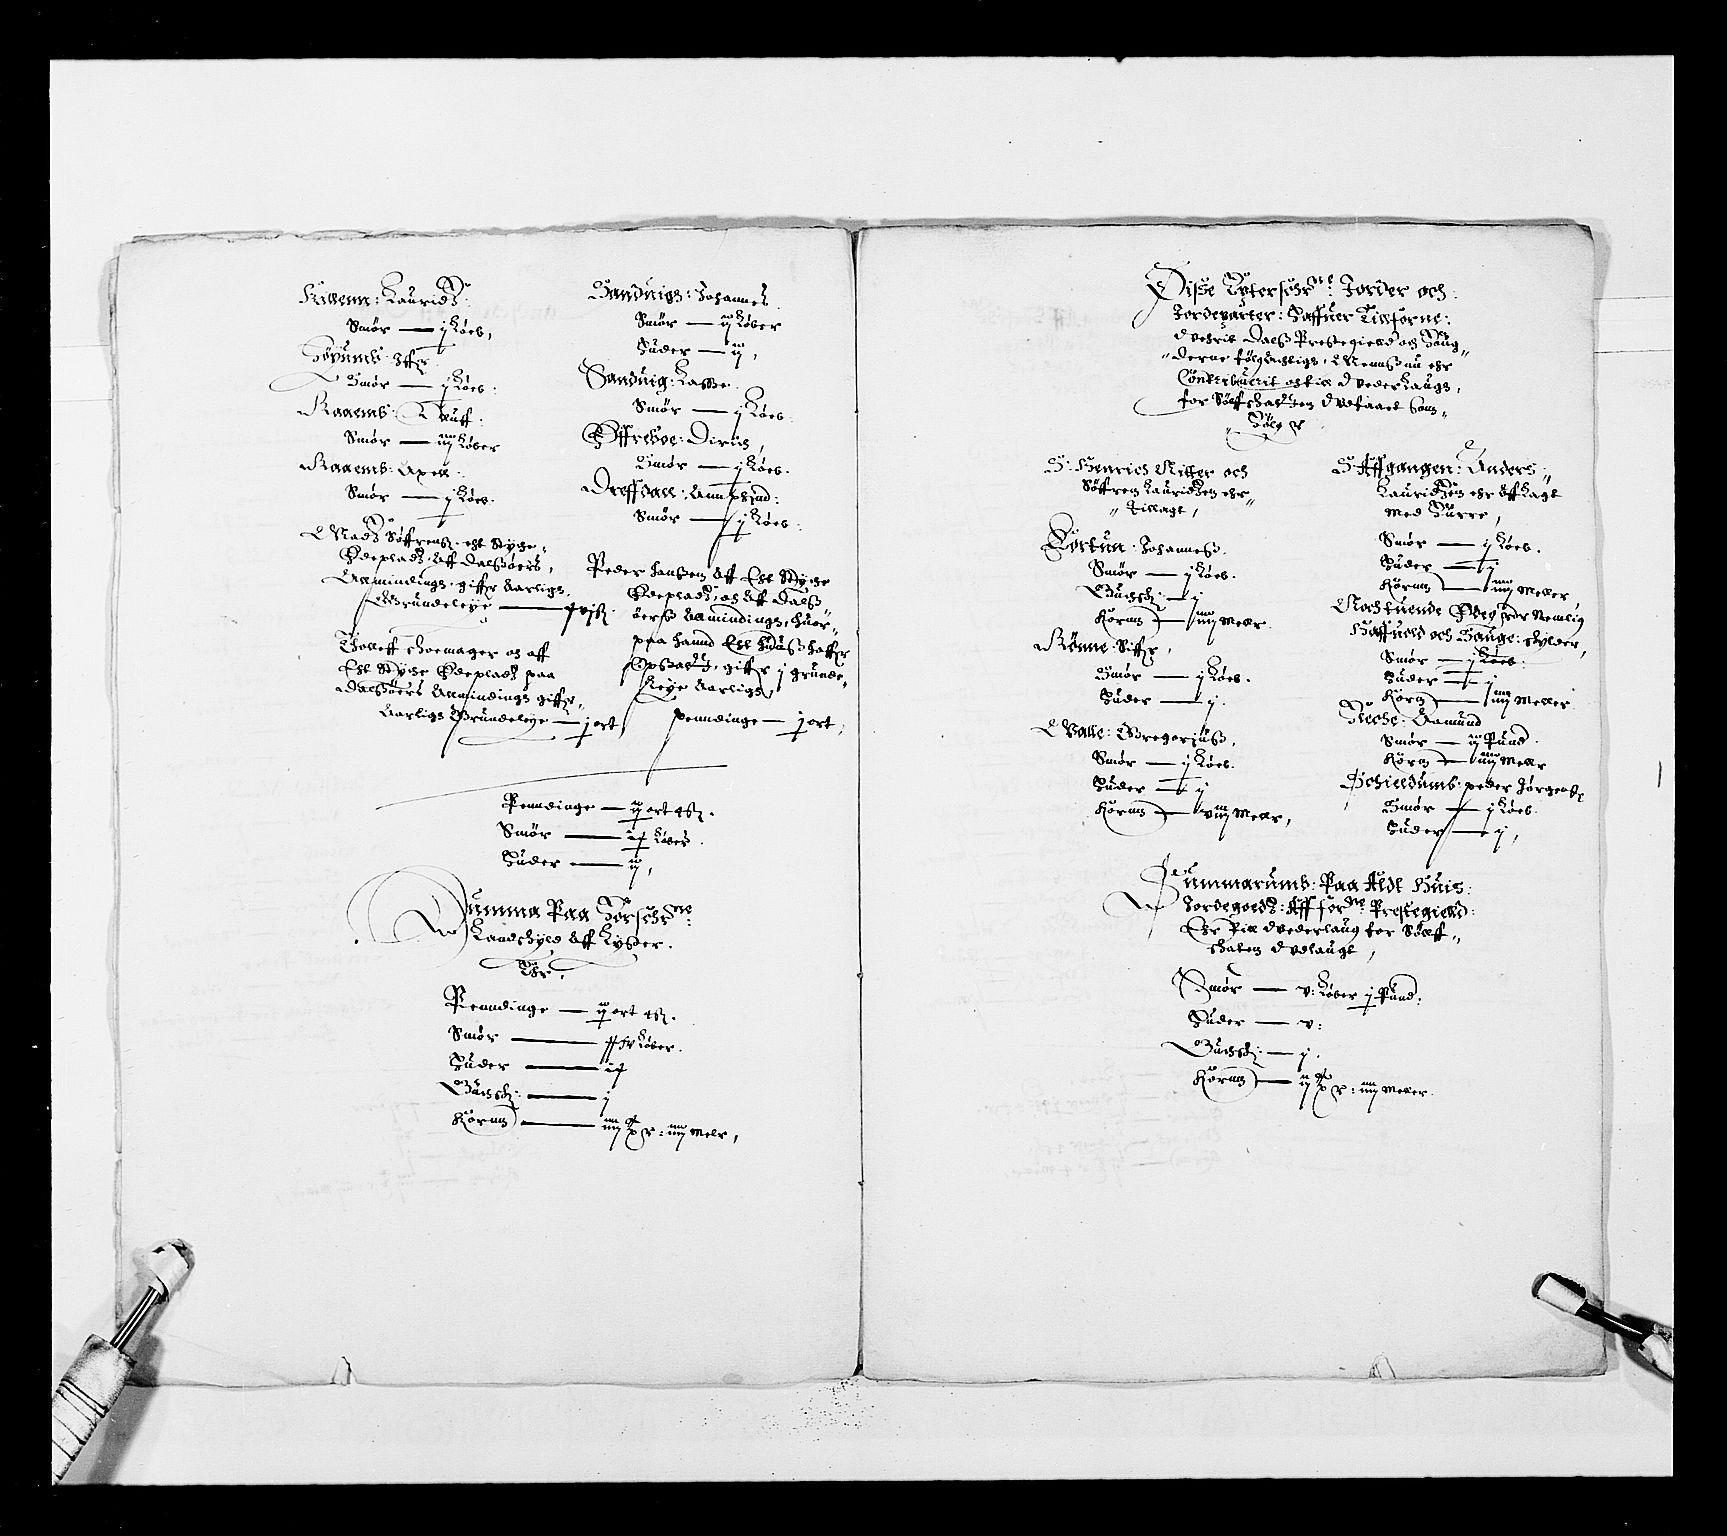 RA, Stattholderembetet 1572-1771, Ek/L0025: Jordebøker 1633-1658:, 1645-1646, s. 143